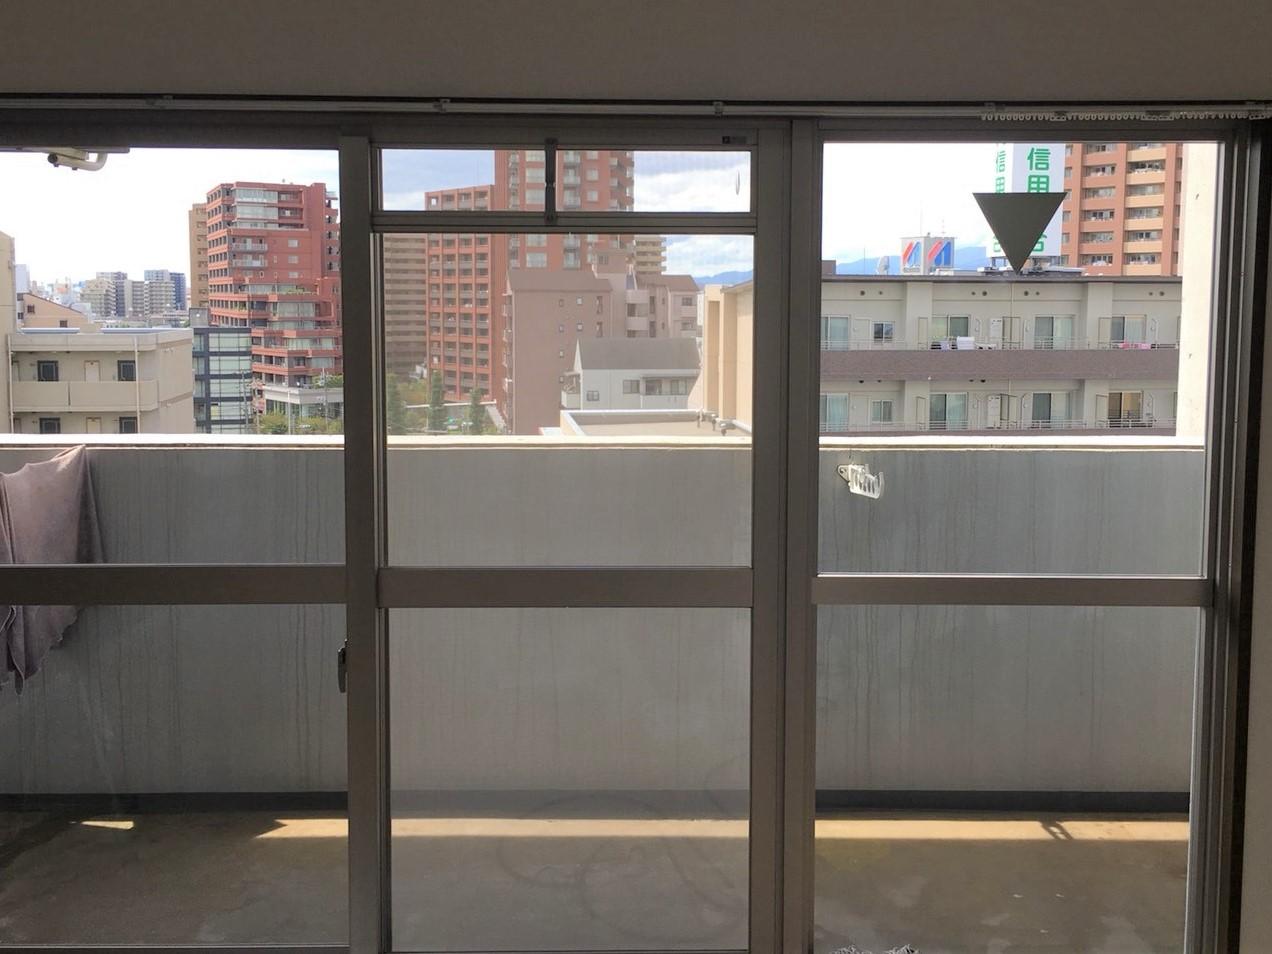 窓掃除・ガラス拭き・窓まわり!窓をキレイに保つポイント・・今すぐおそうじプラスへ!